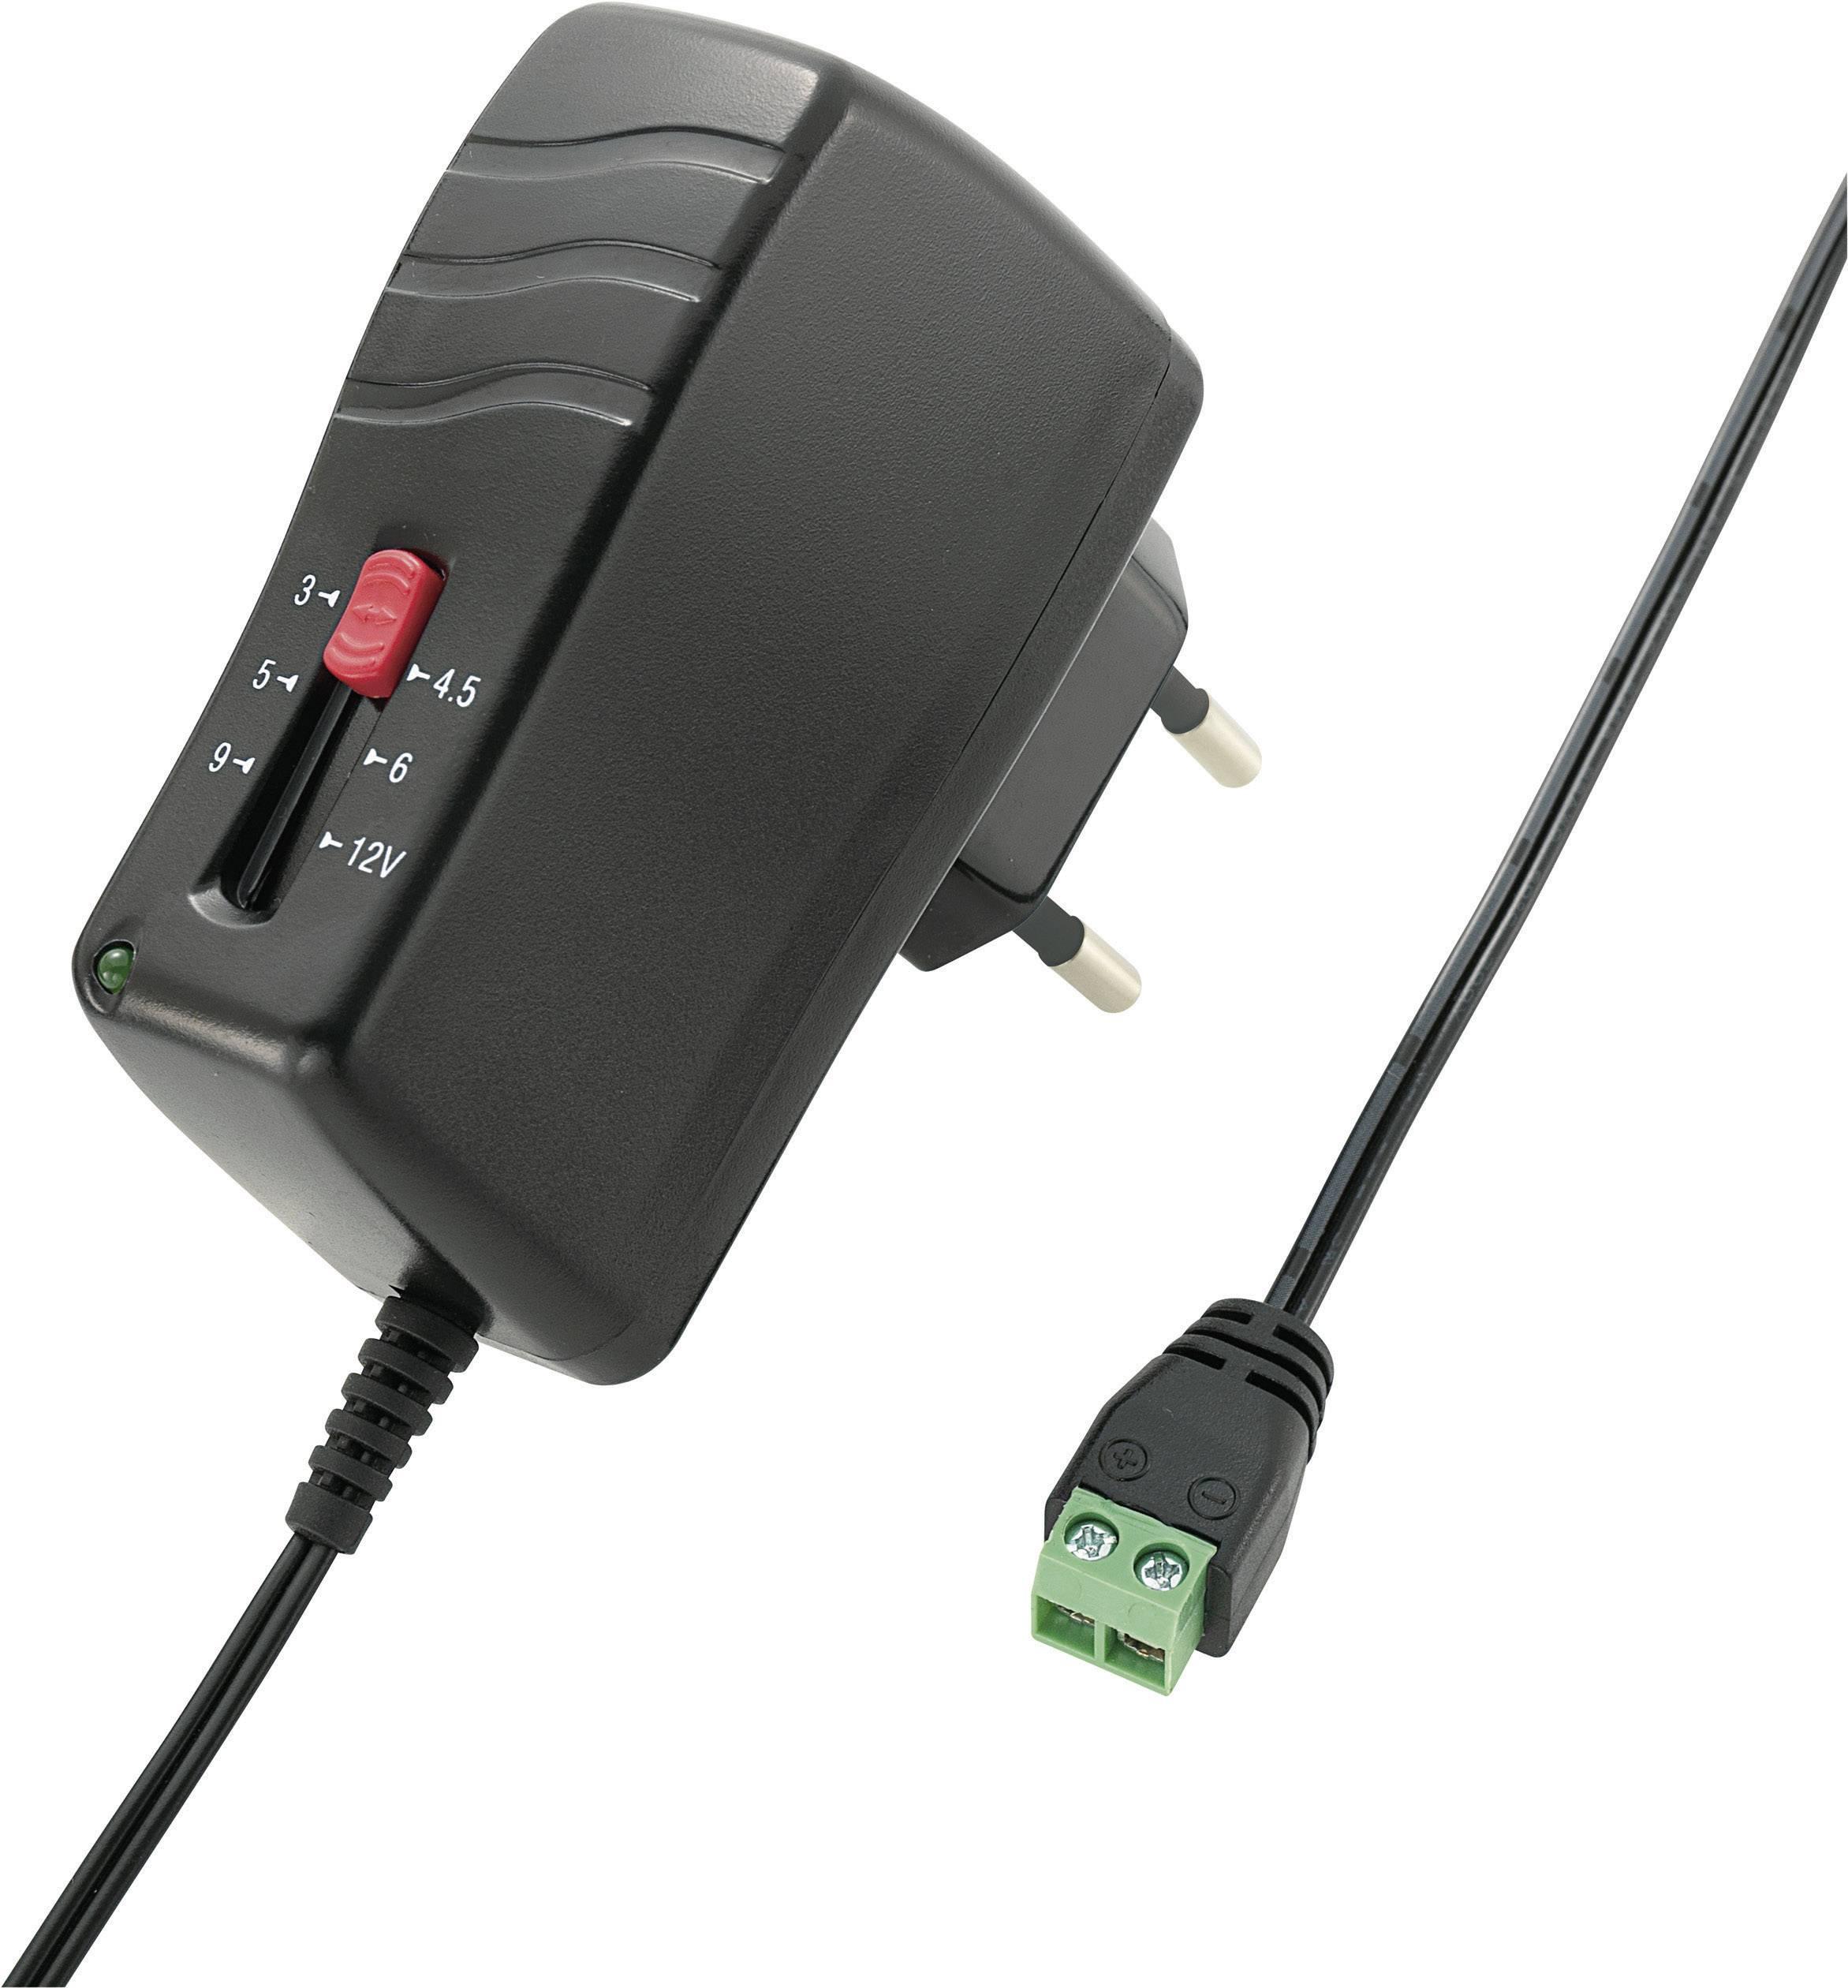 Sieťový adaptér Voltcraft SNG-1000-OC, nastaviteľný 3 - 12 V/DC, 1000 mA